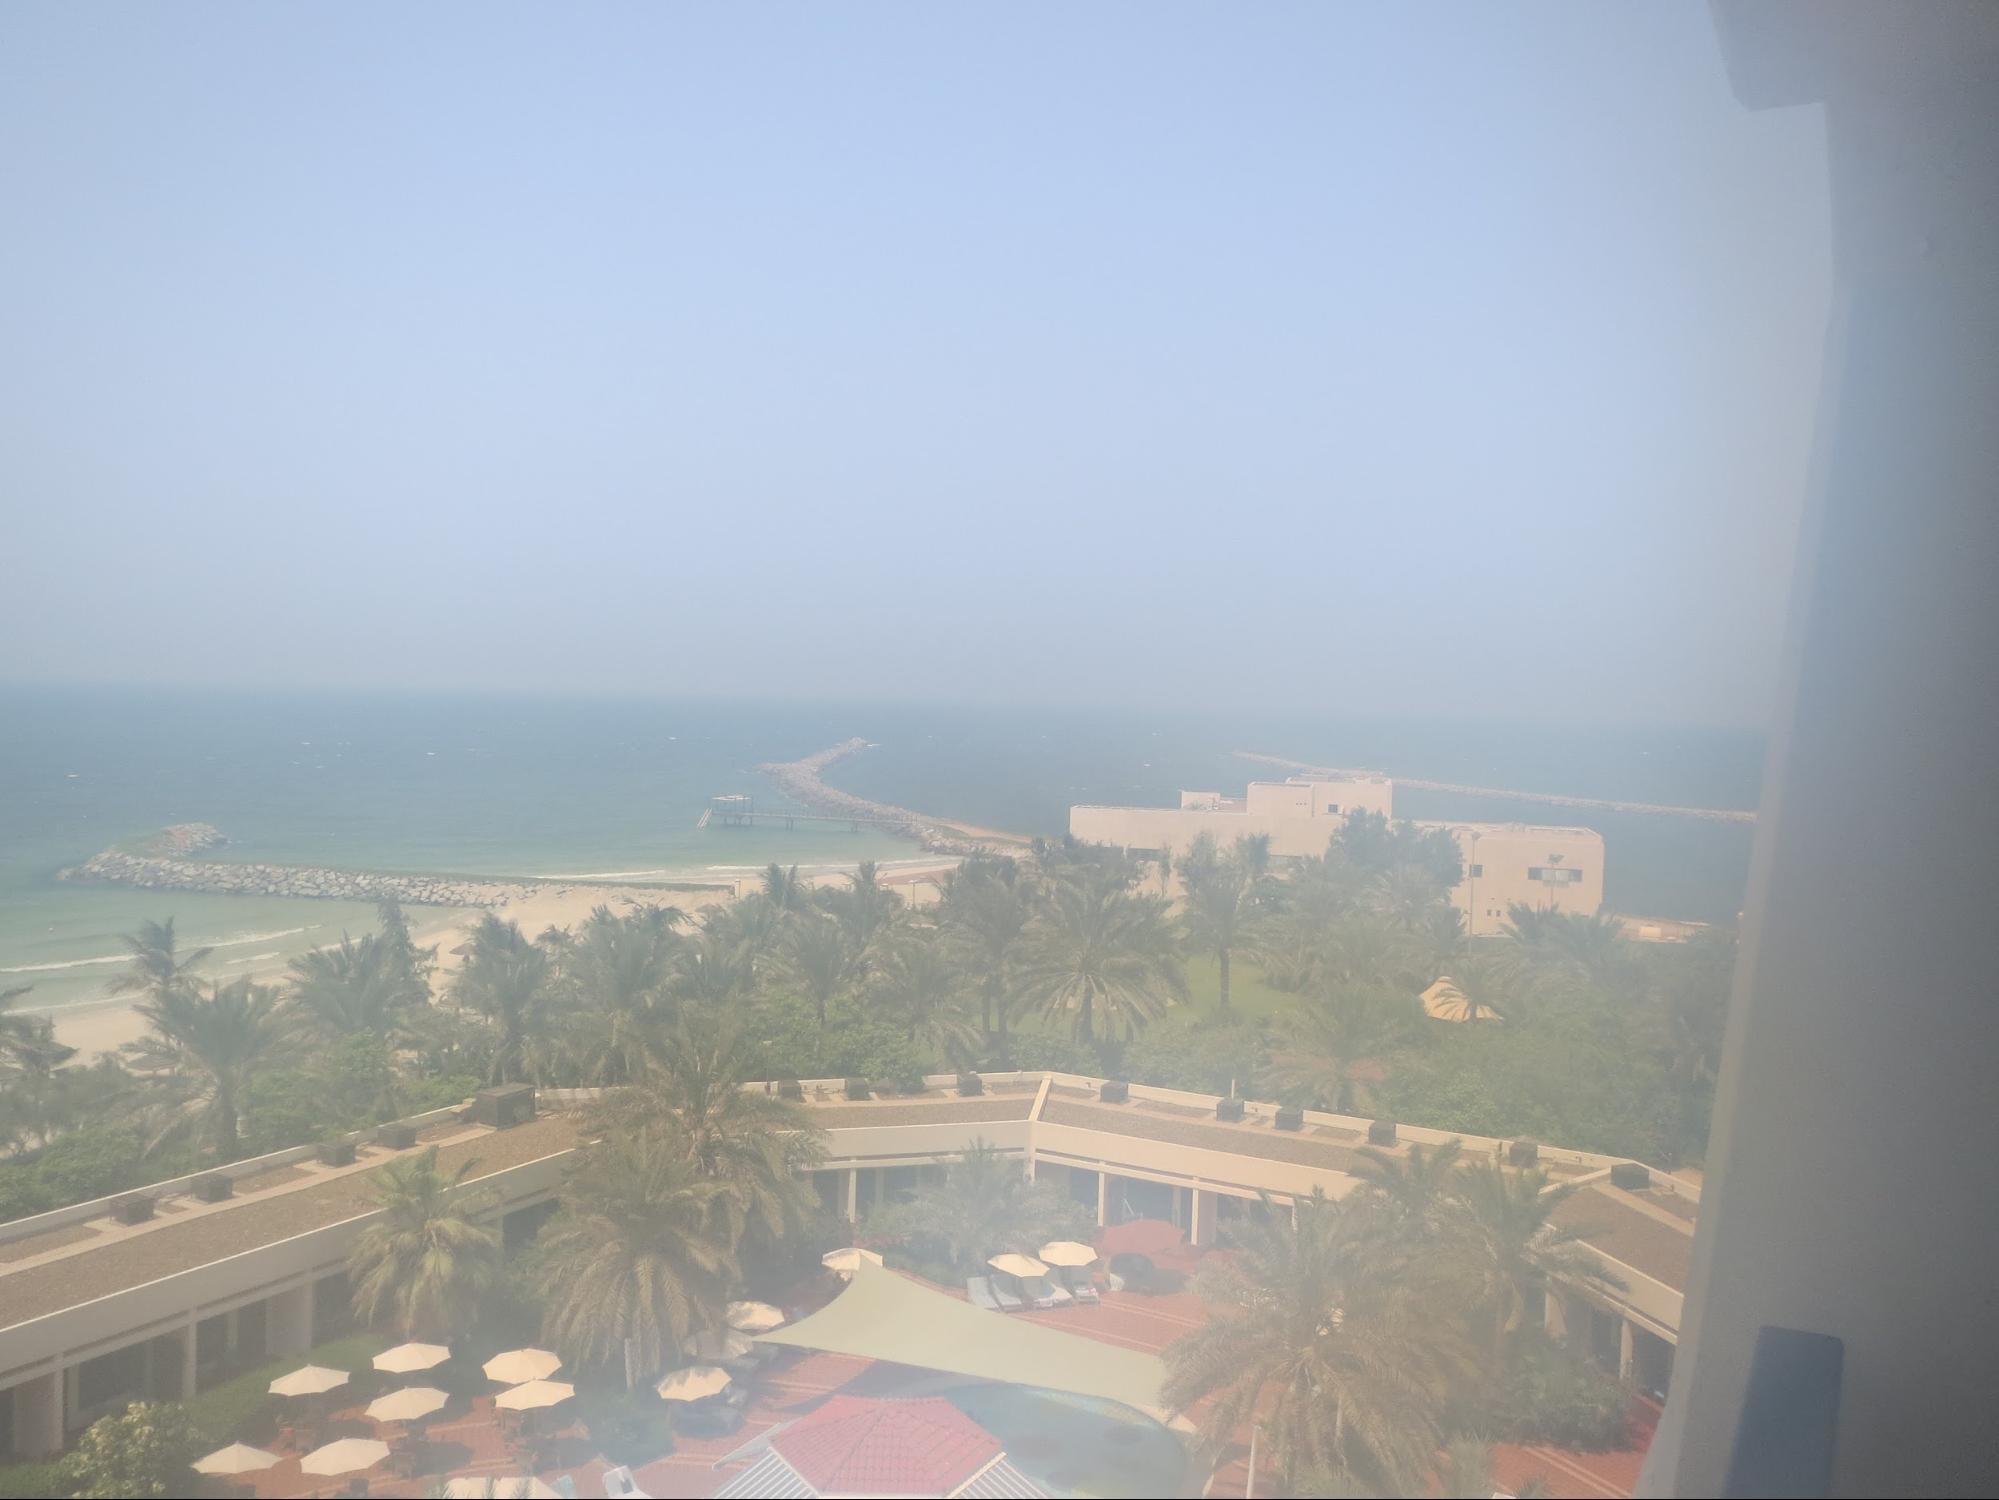 Kempinski Hotel, Ajman Review - Balcony Outside View - palm gardens, pool & beach